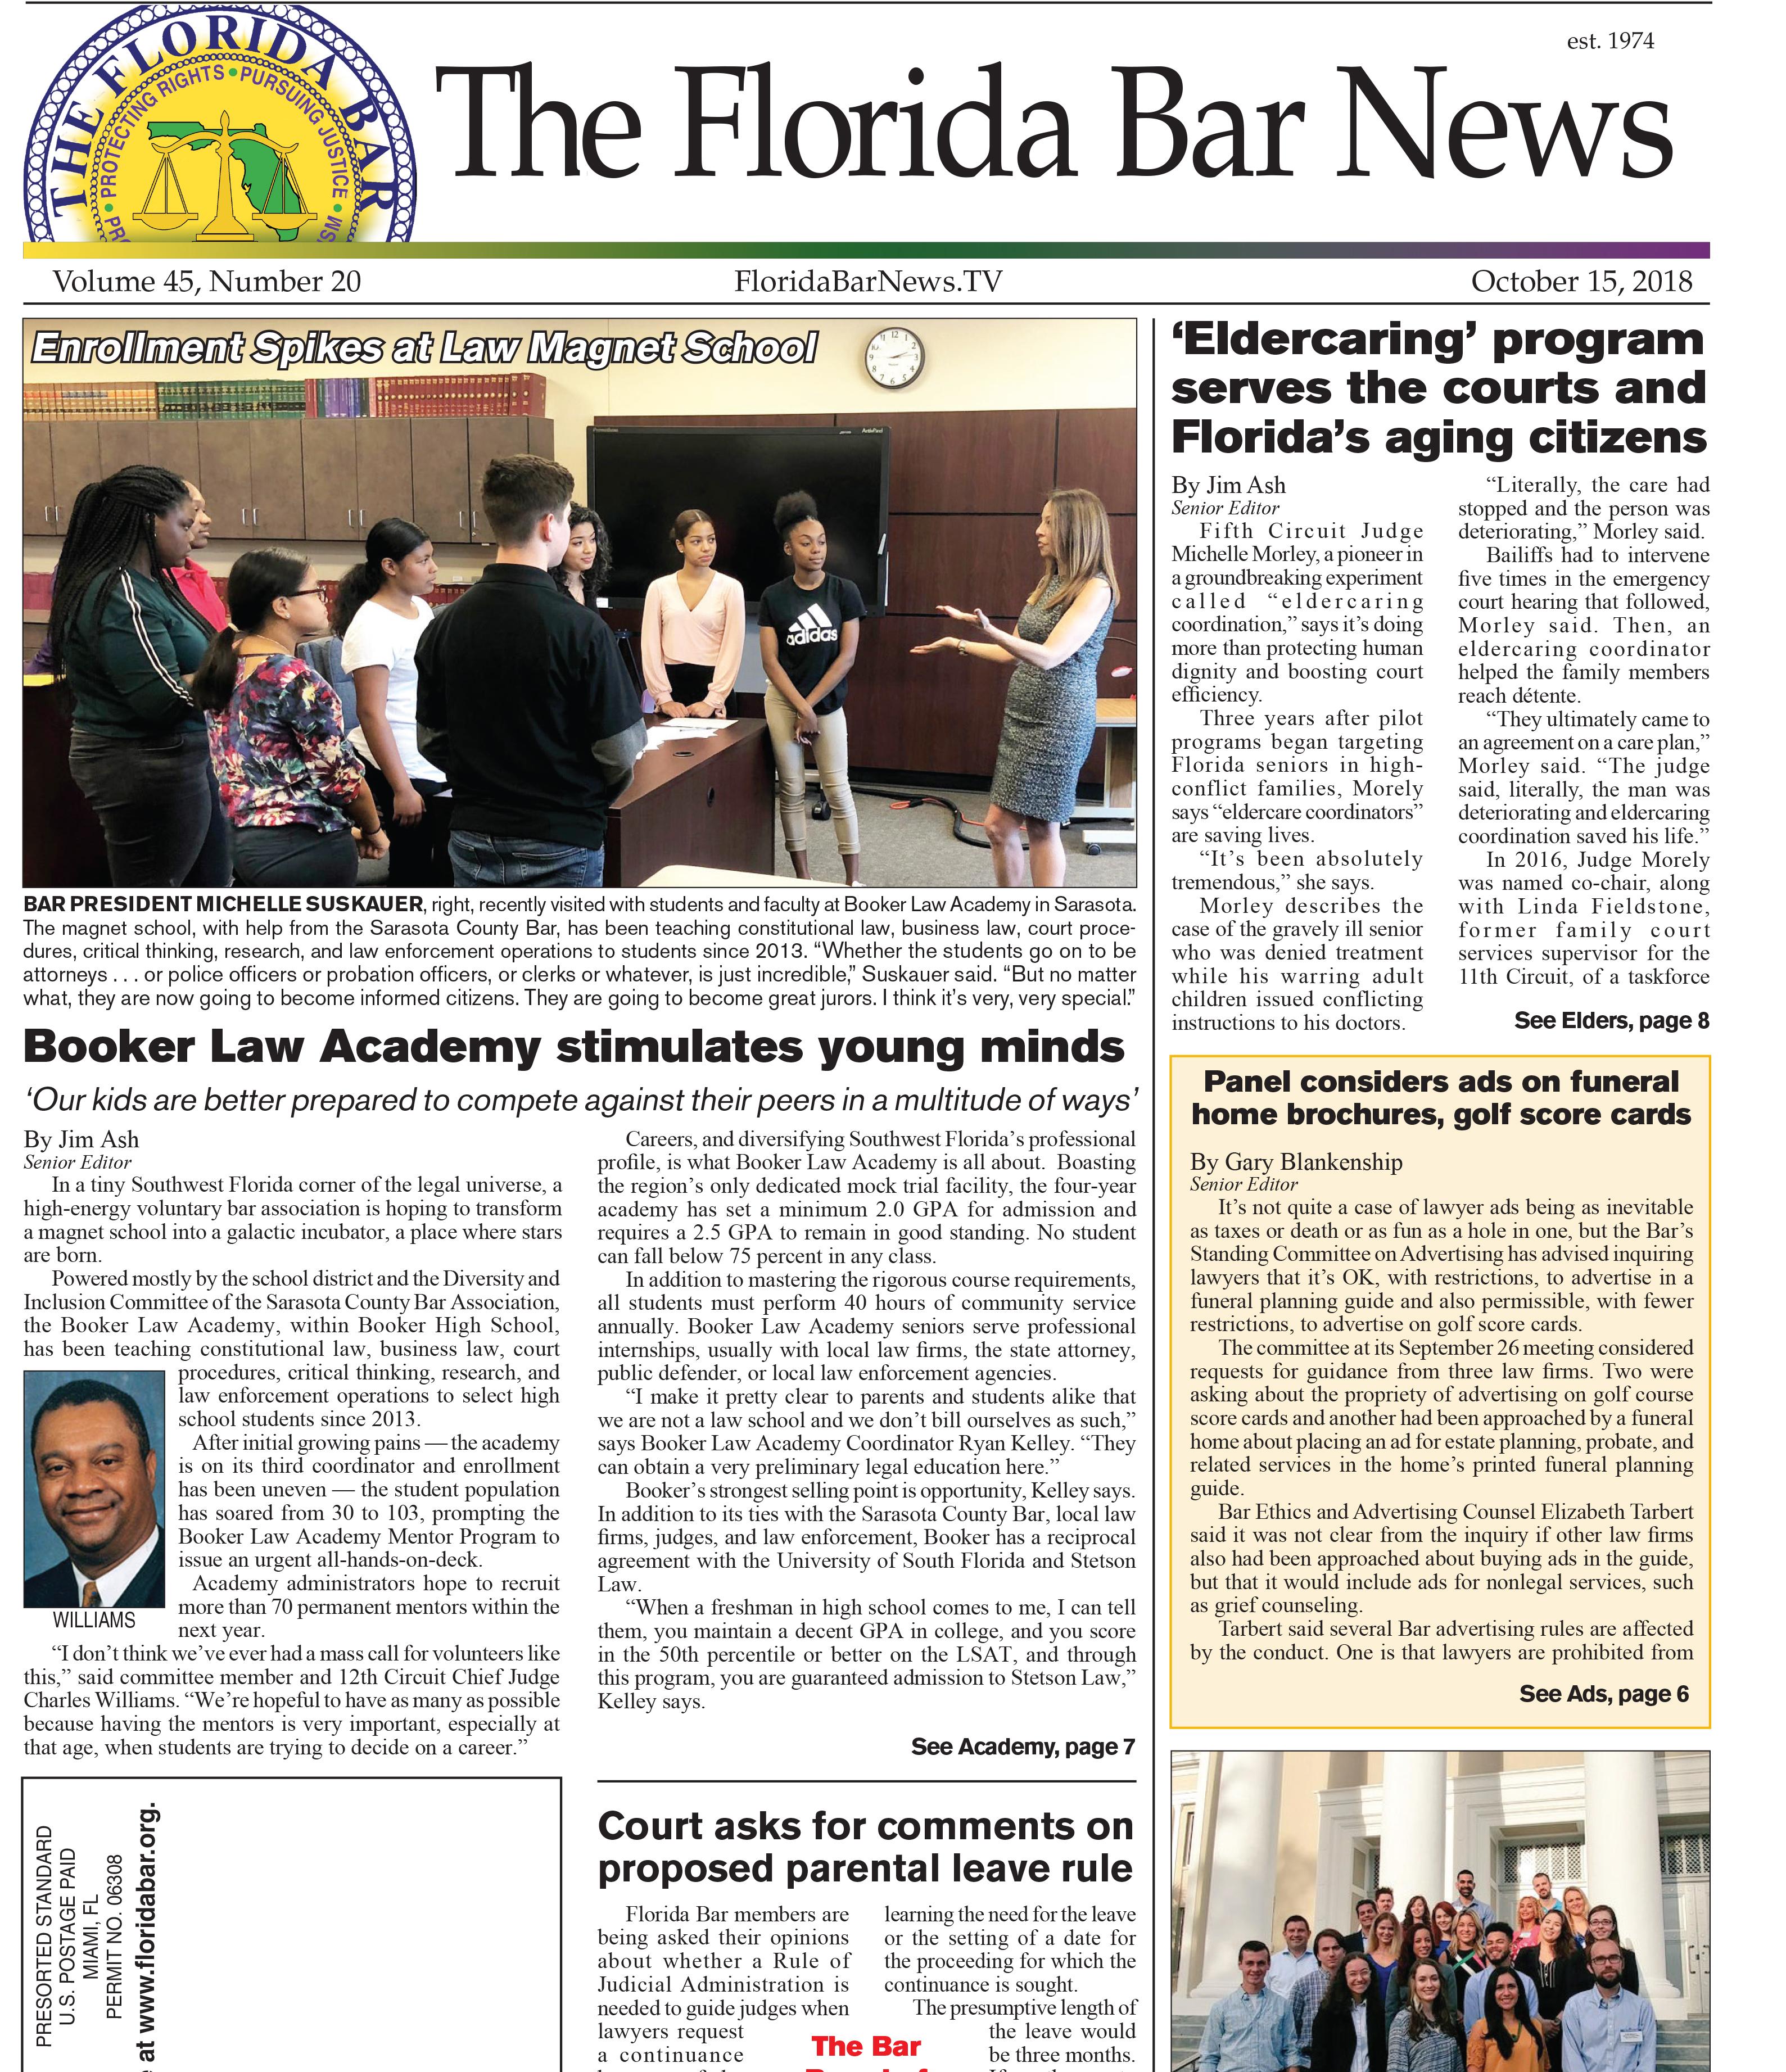 The Florida Bar News Oct. 15, 2018